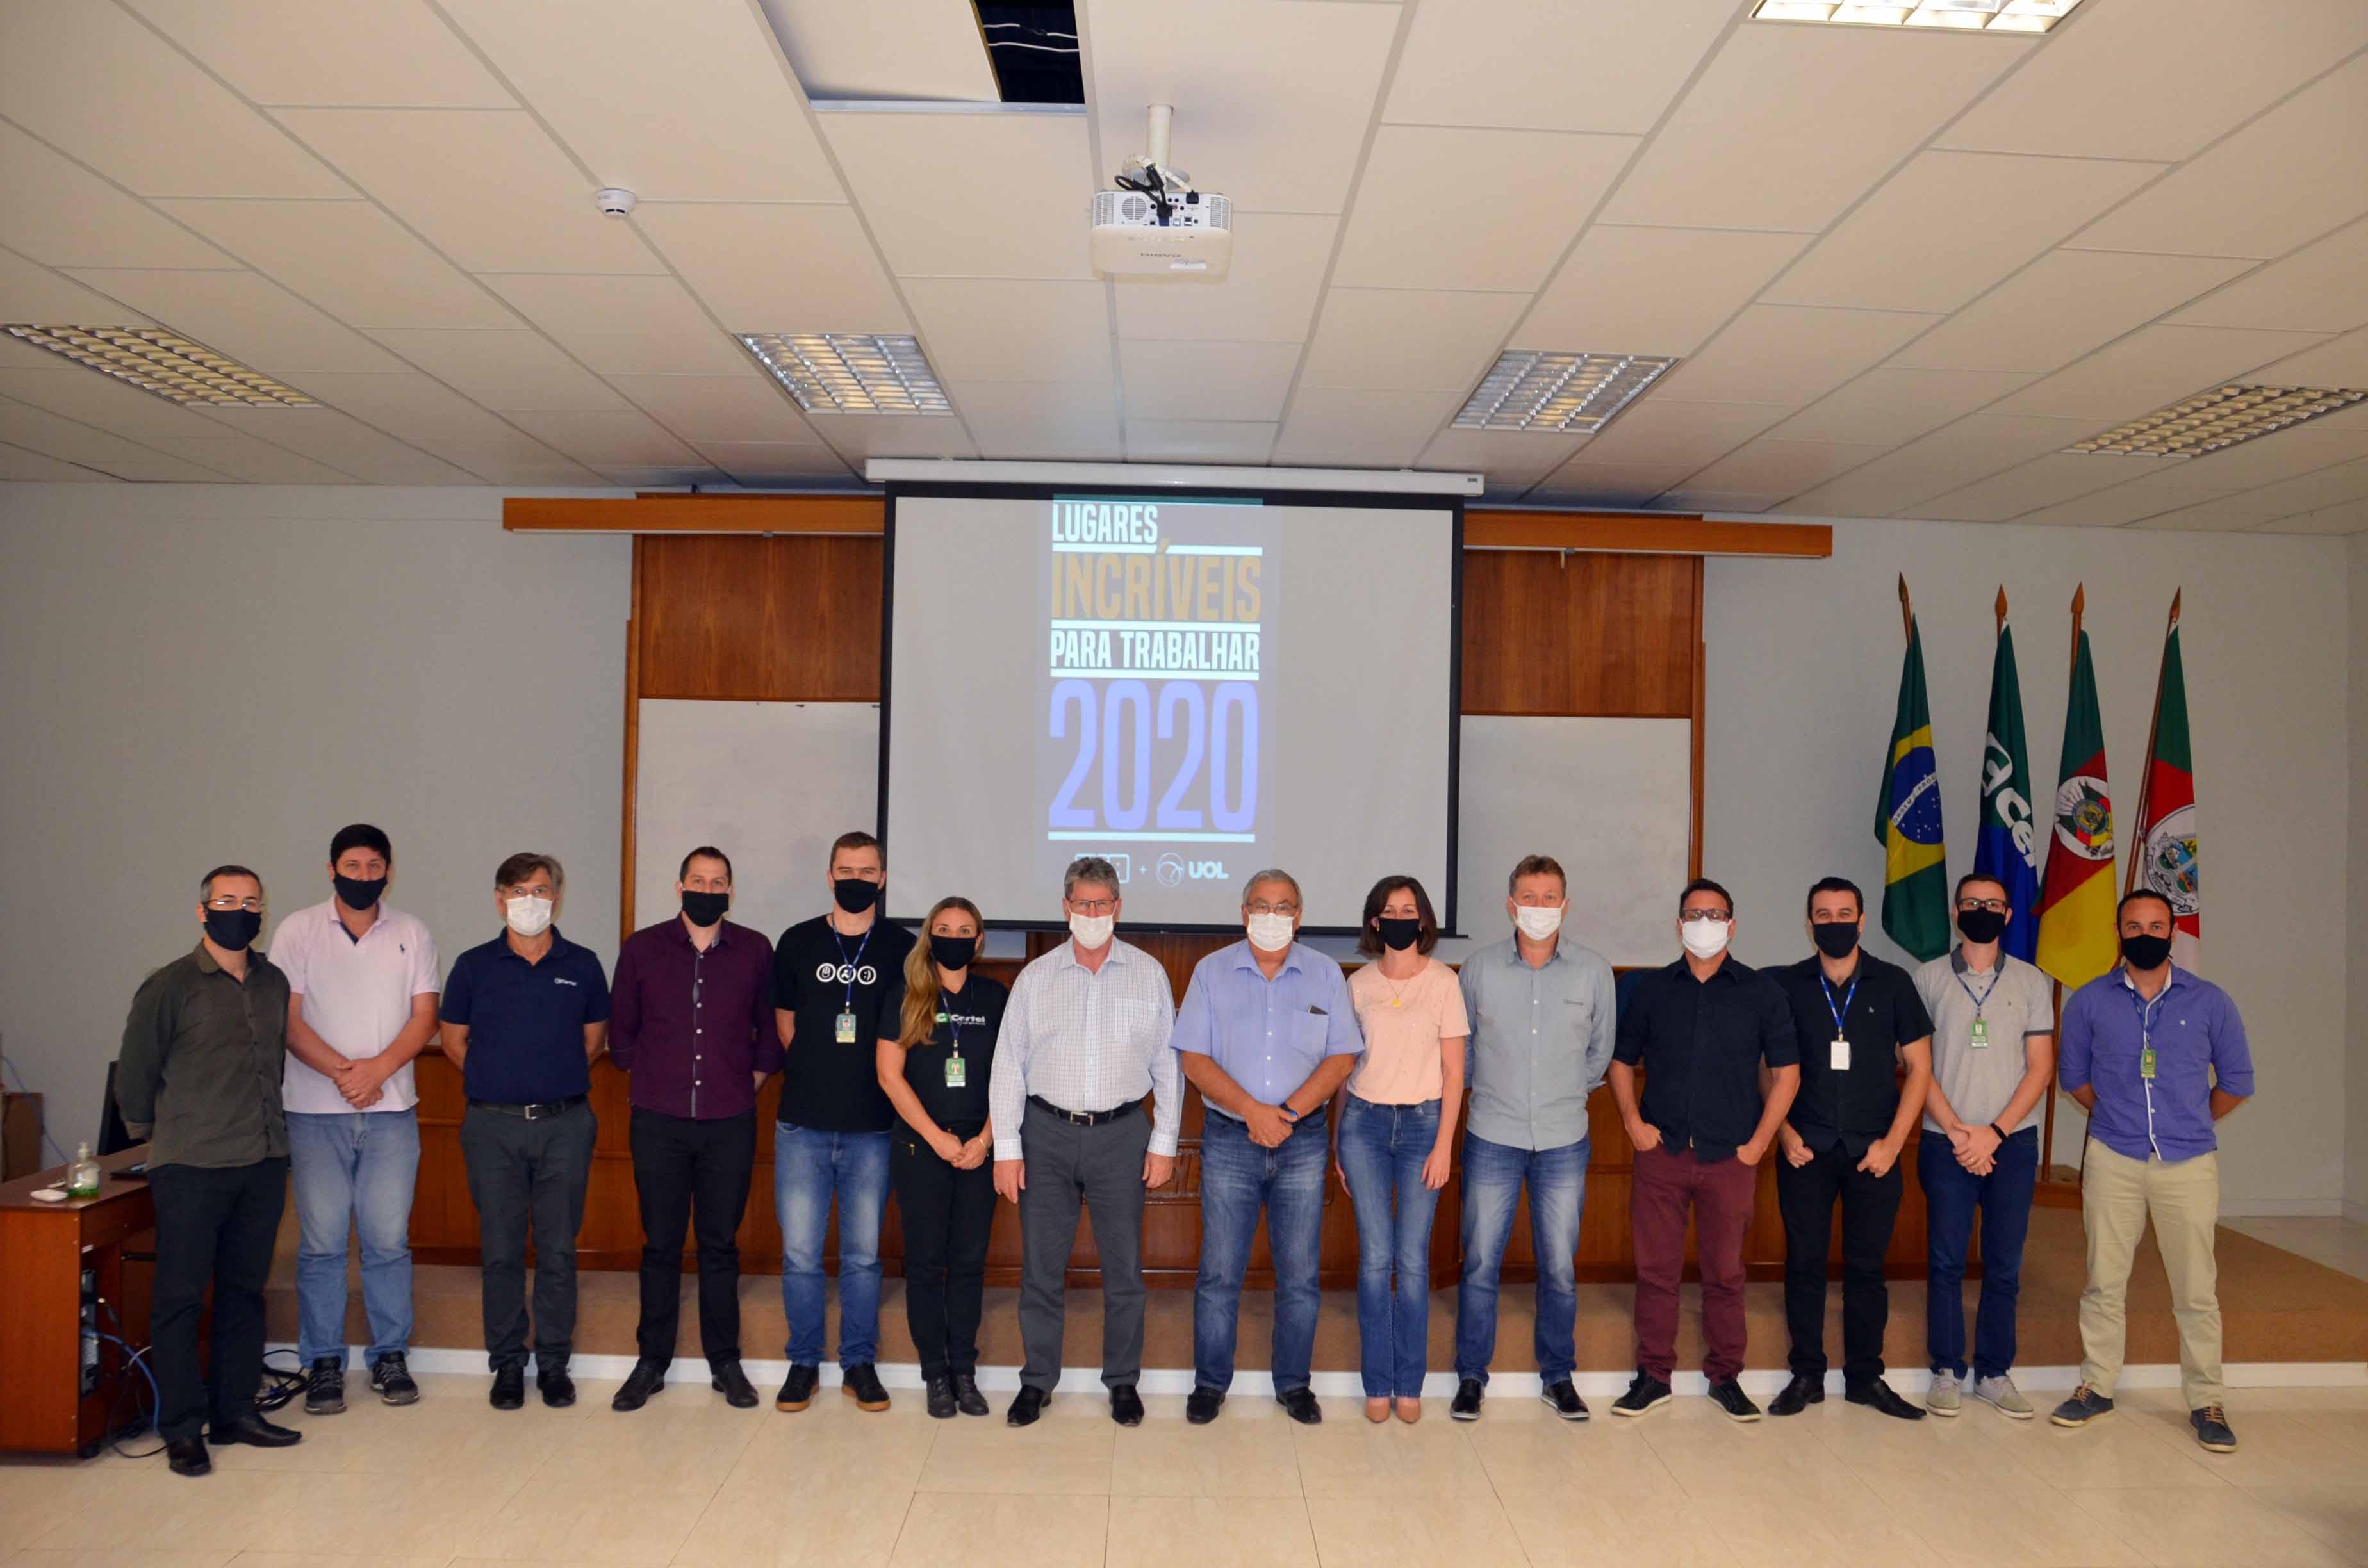 Certel entre os 40 lugares mais incríveis para se trabalhar no Brasil